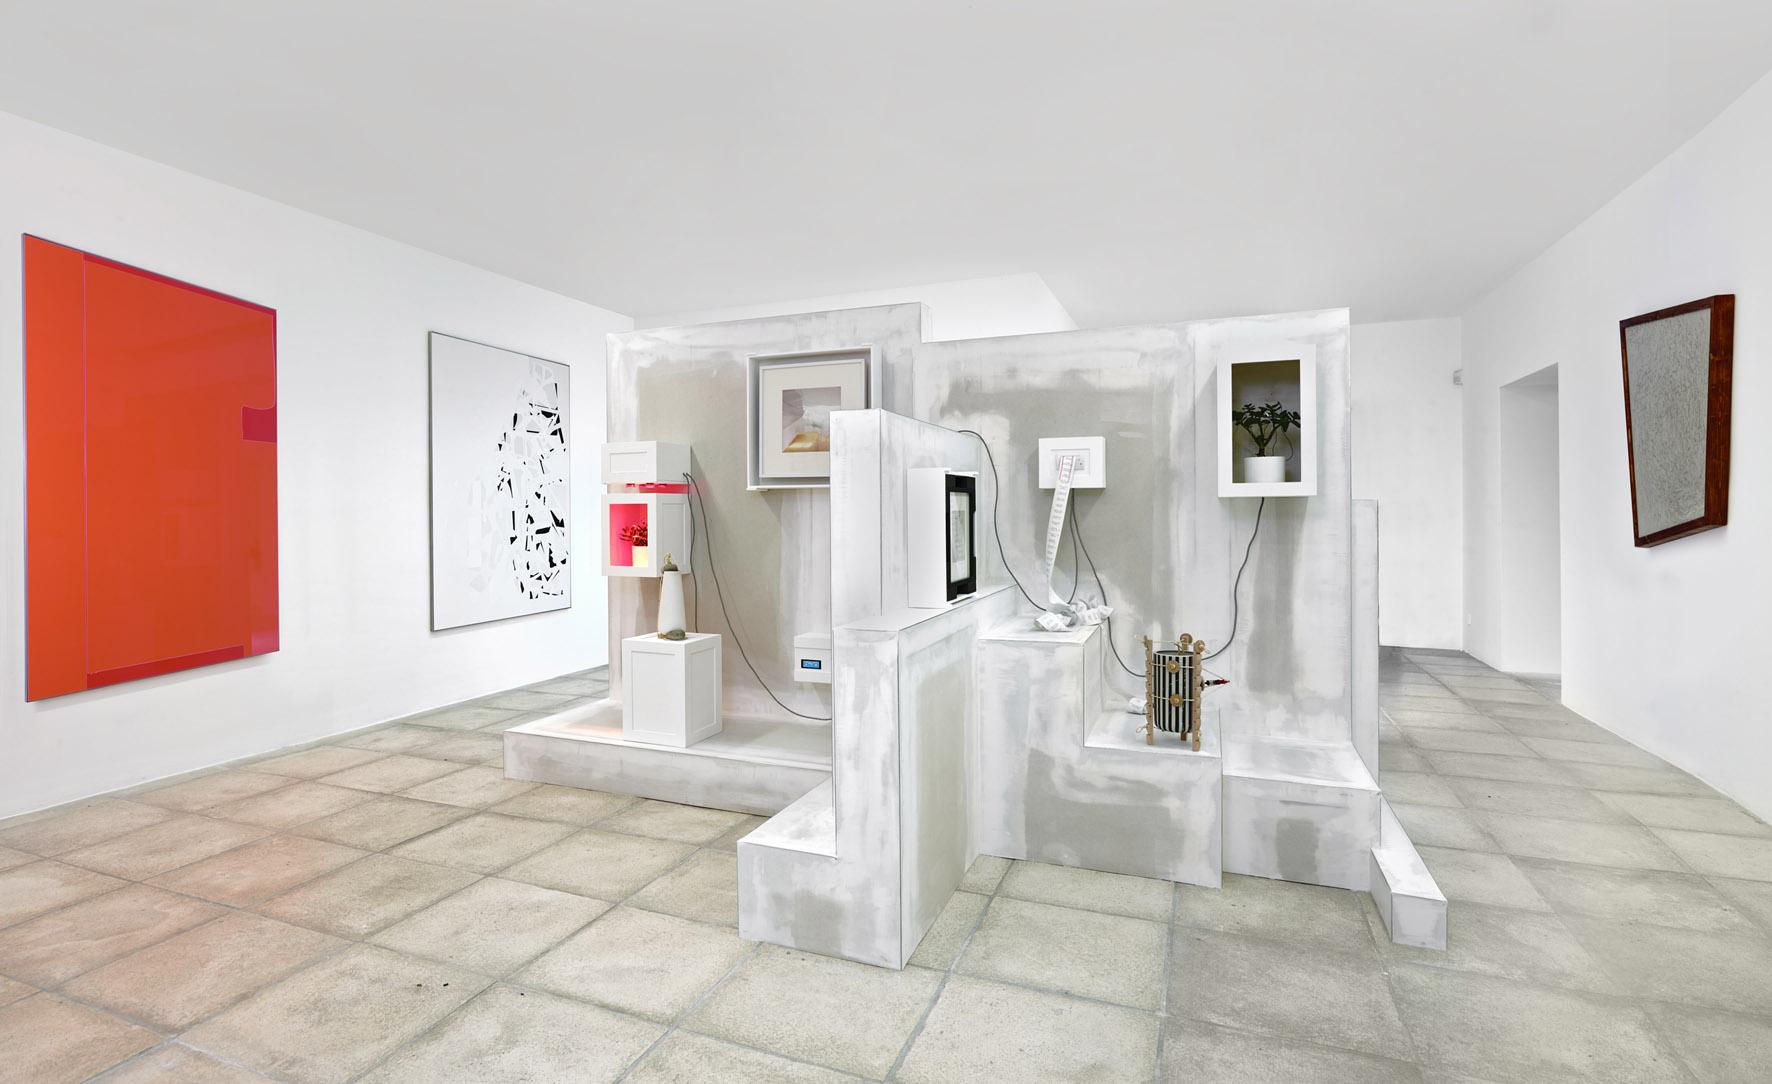 2+1,Pierre Descamps, Mathieu Schmitt &Xavier Theunis, Galerie Catherine Issert, Saint-Paul-de-Vence, 2017